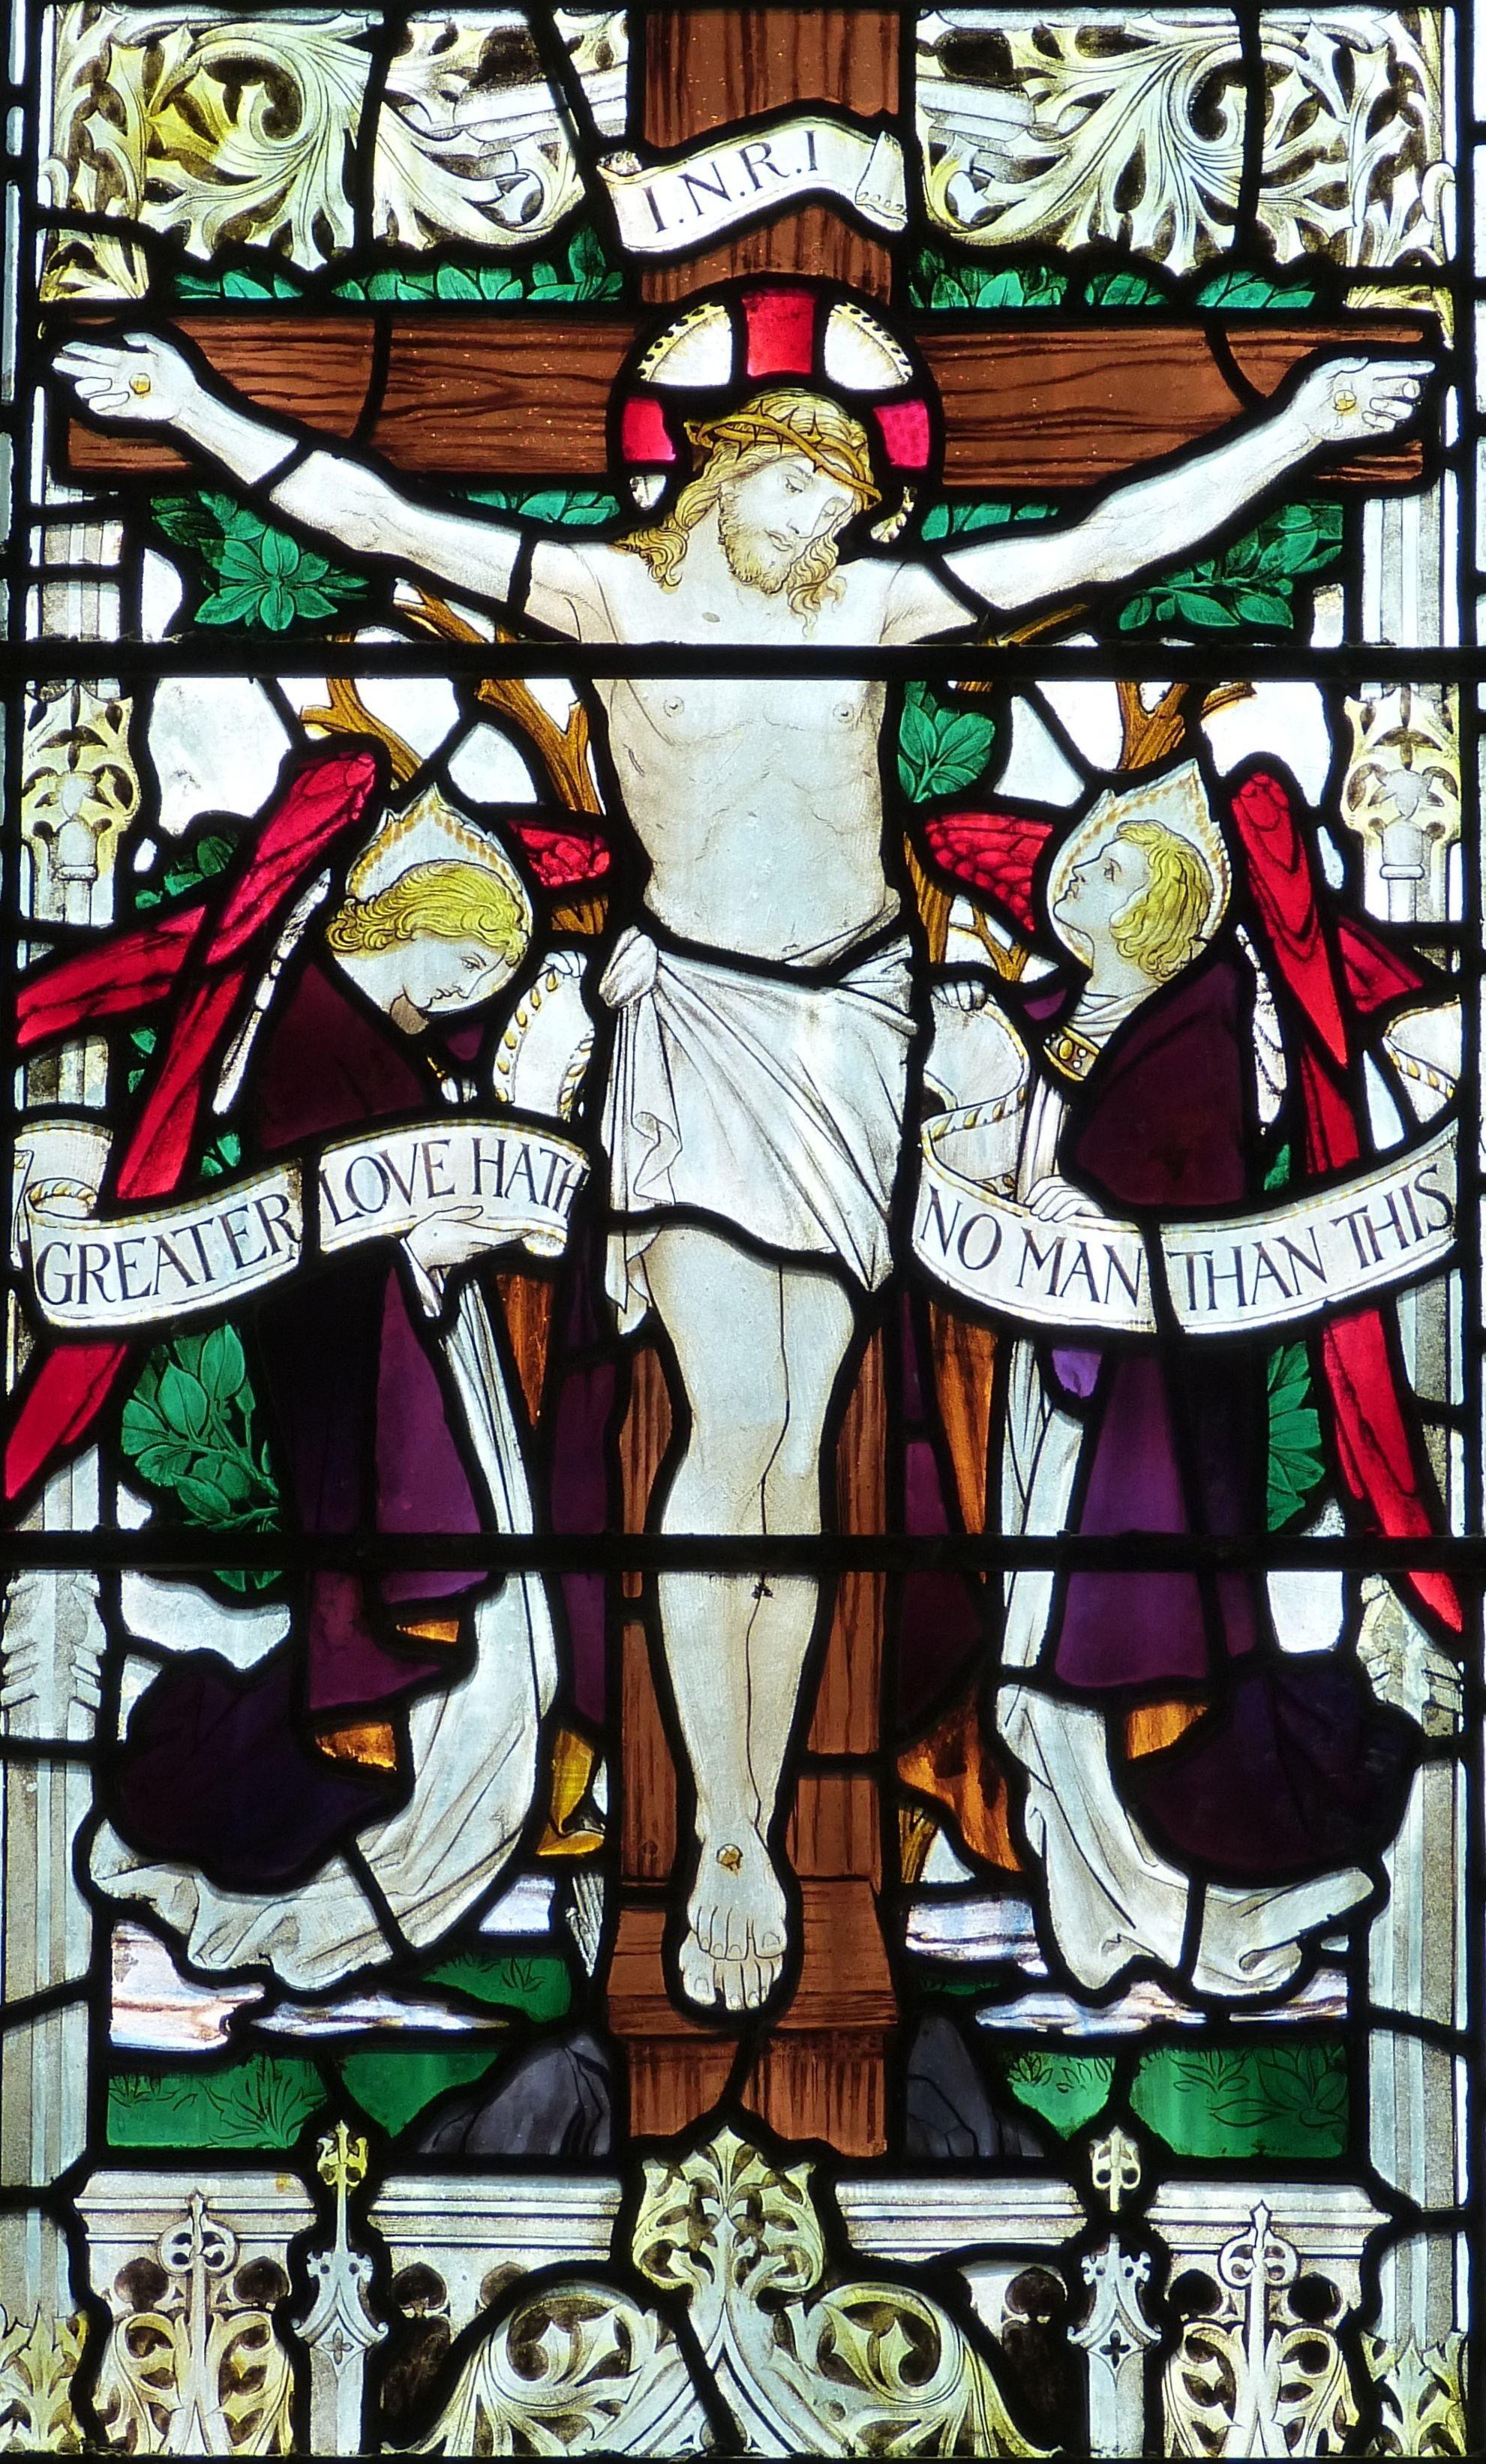 inri jesus christ painting image Peakpx 1981x3285